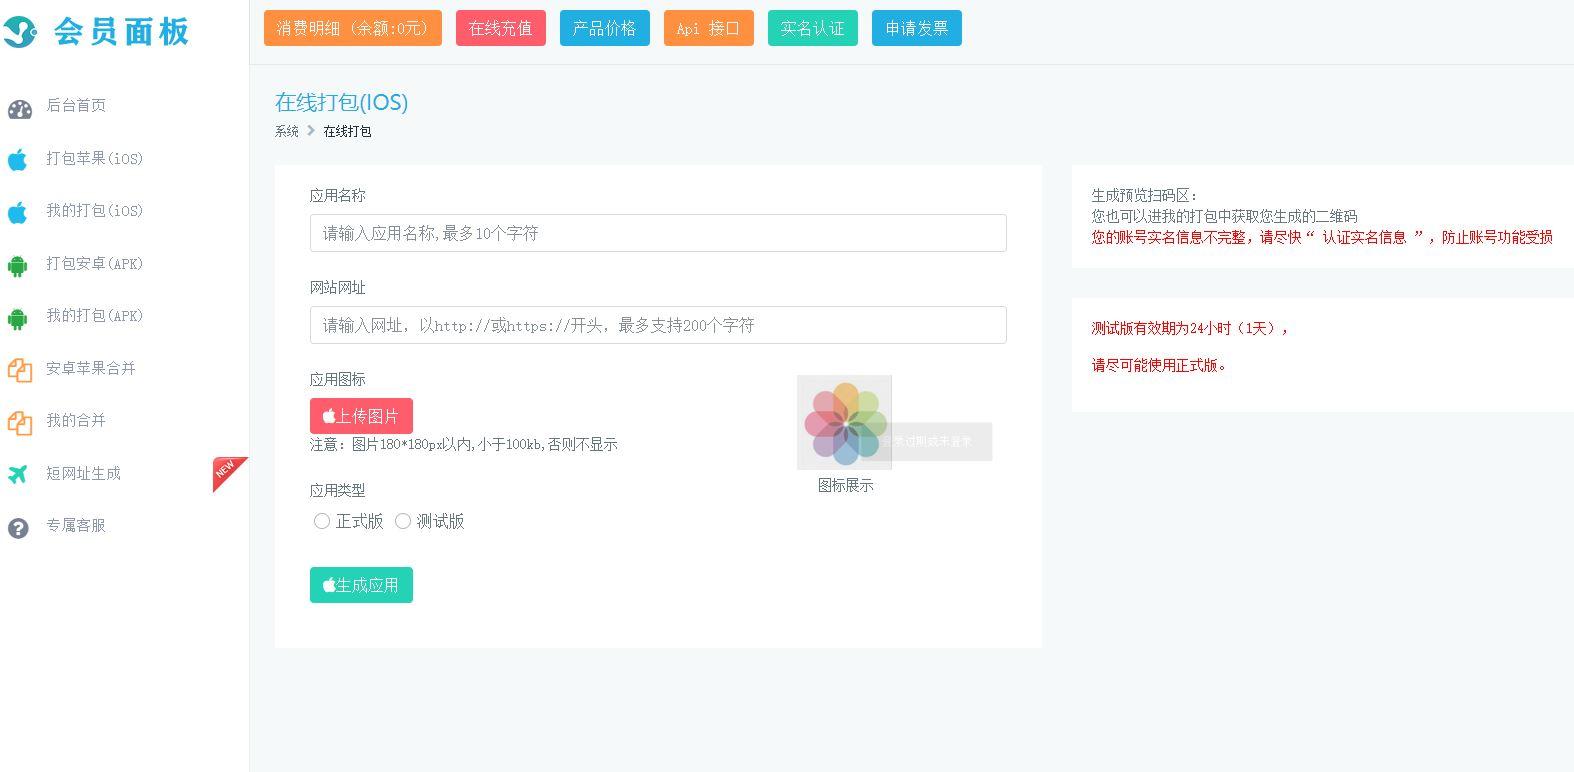 H5打包网页 App封装打包内测托管分发平台 Ios免签封装wap打包网站源码